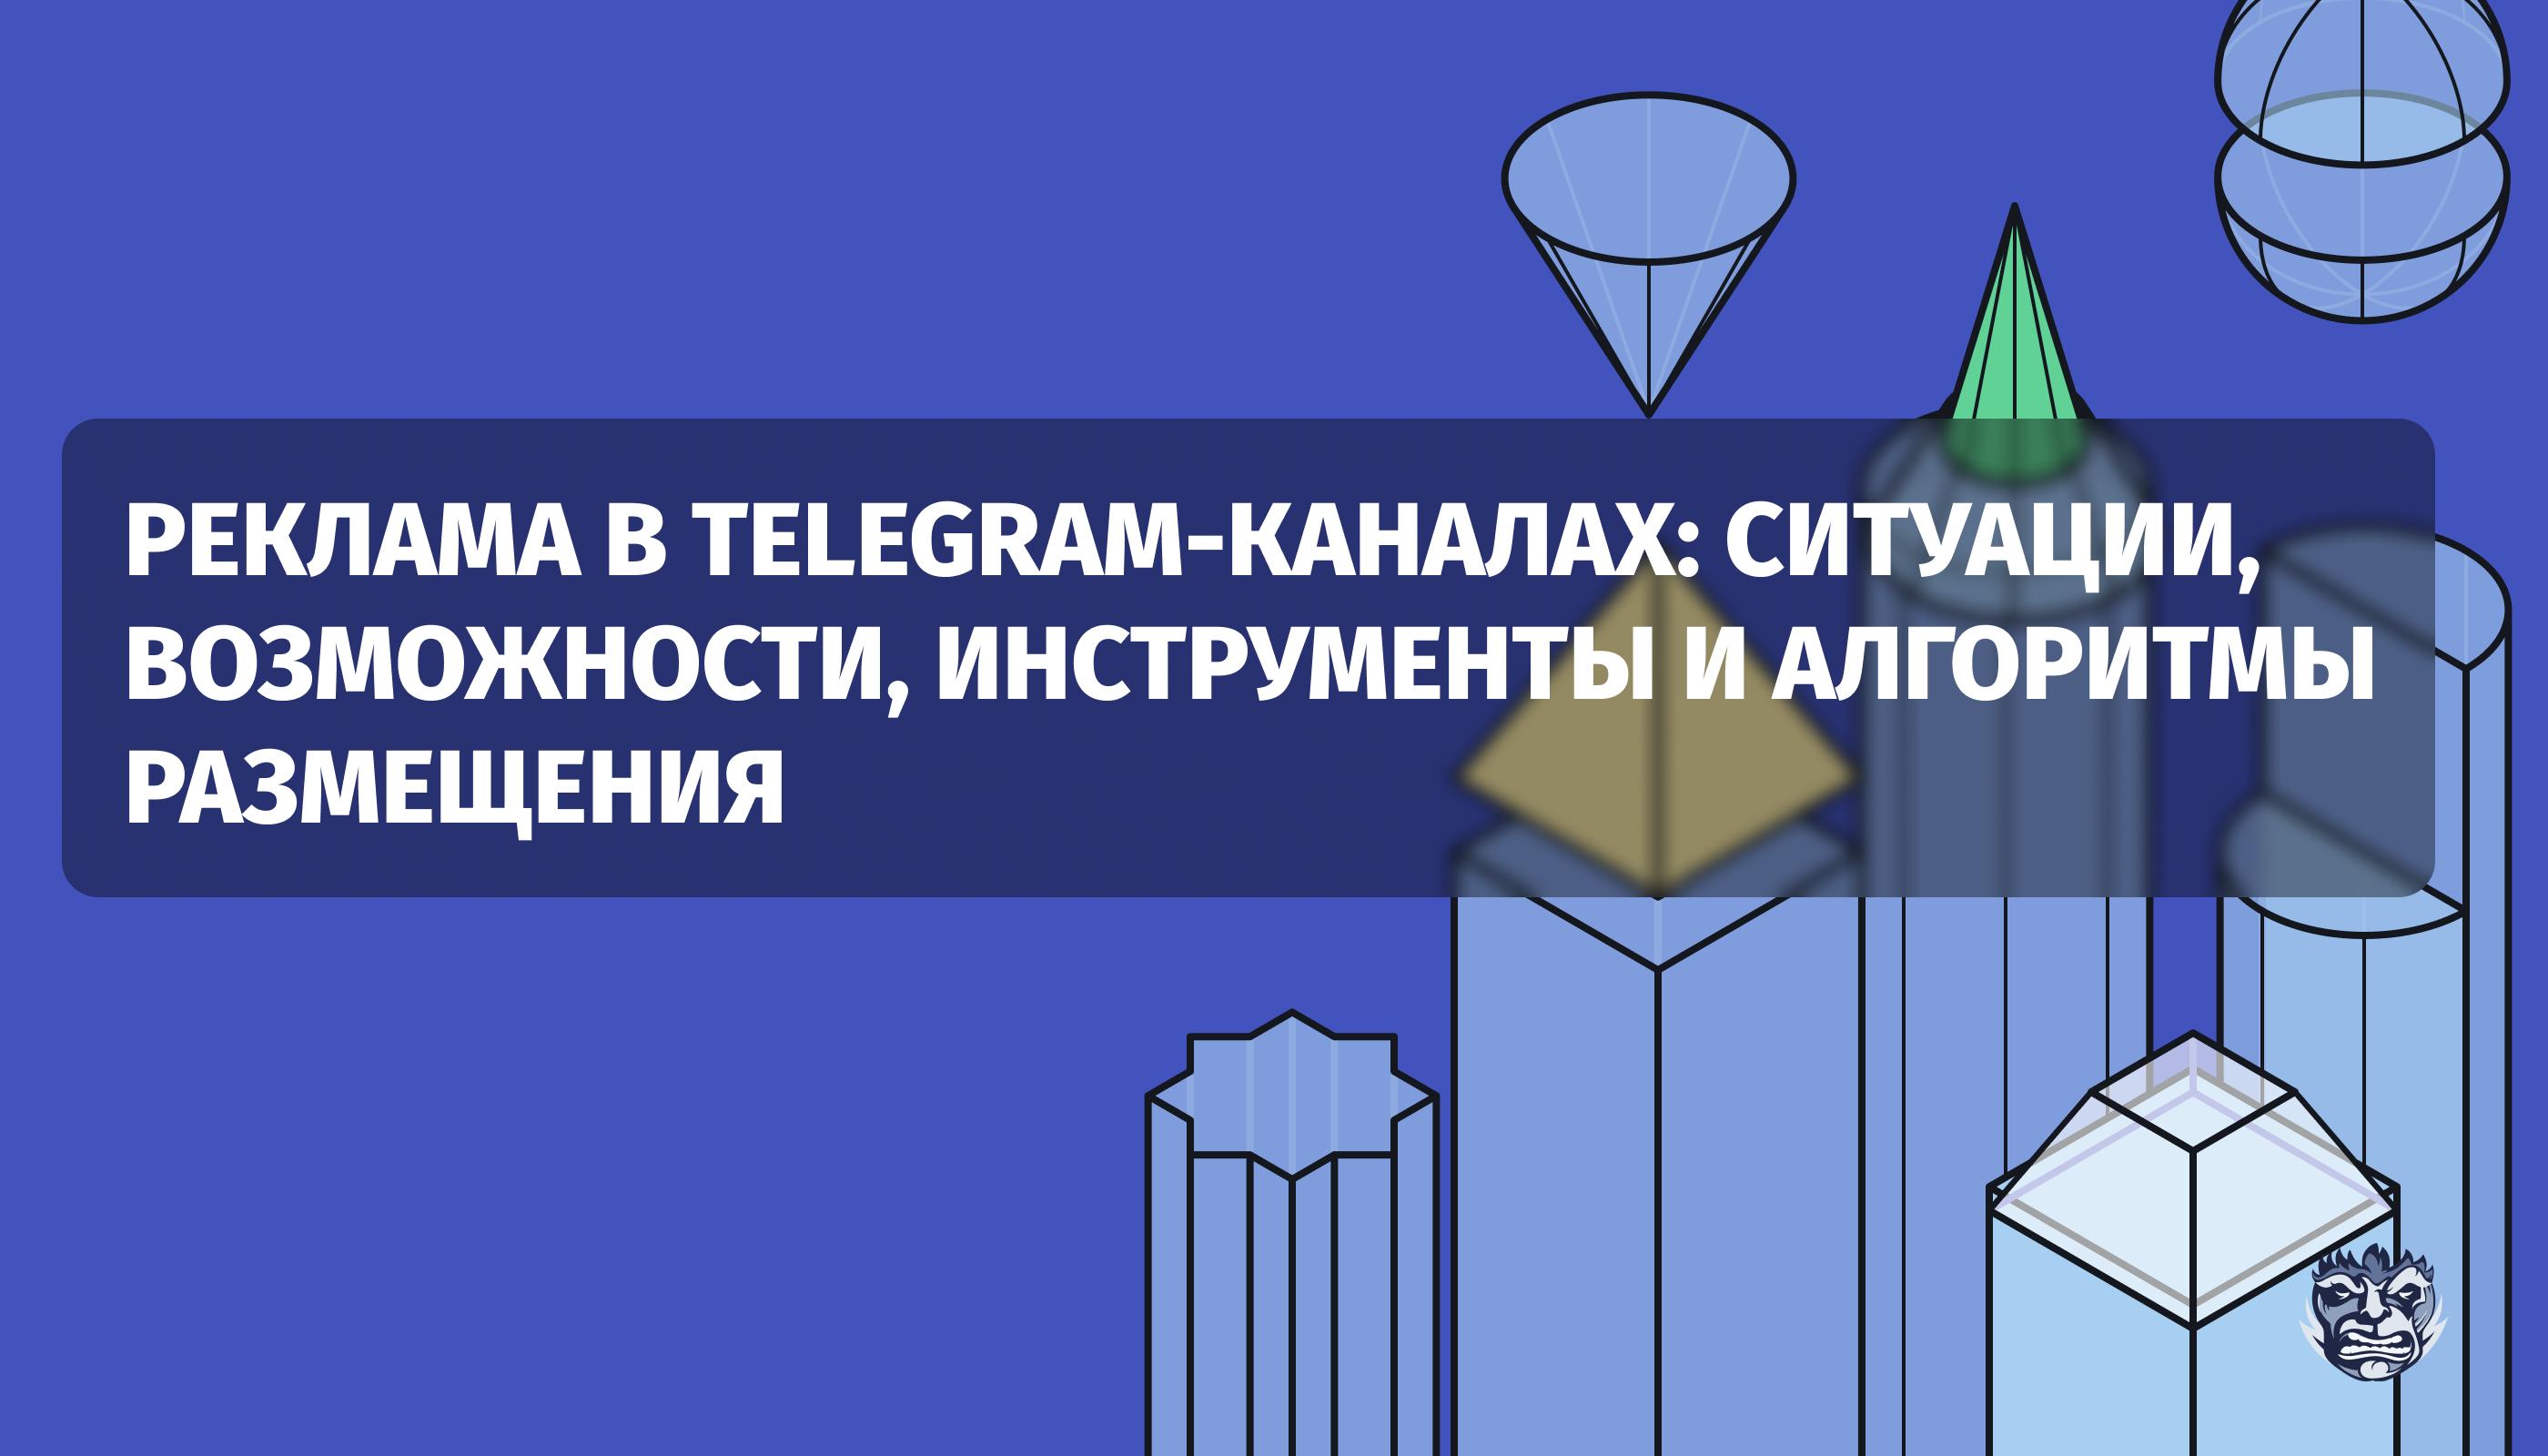 Реклама в Telegram-каналах: ситуация, возможности, инструменты и алгоритмы размещения